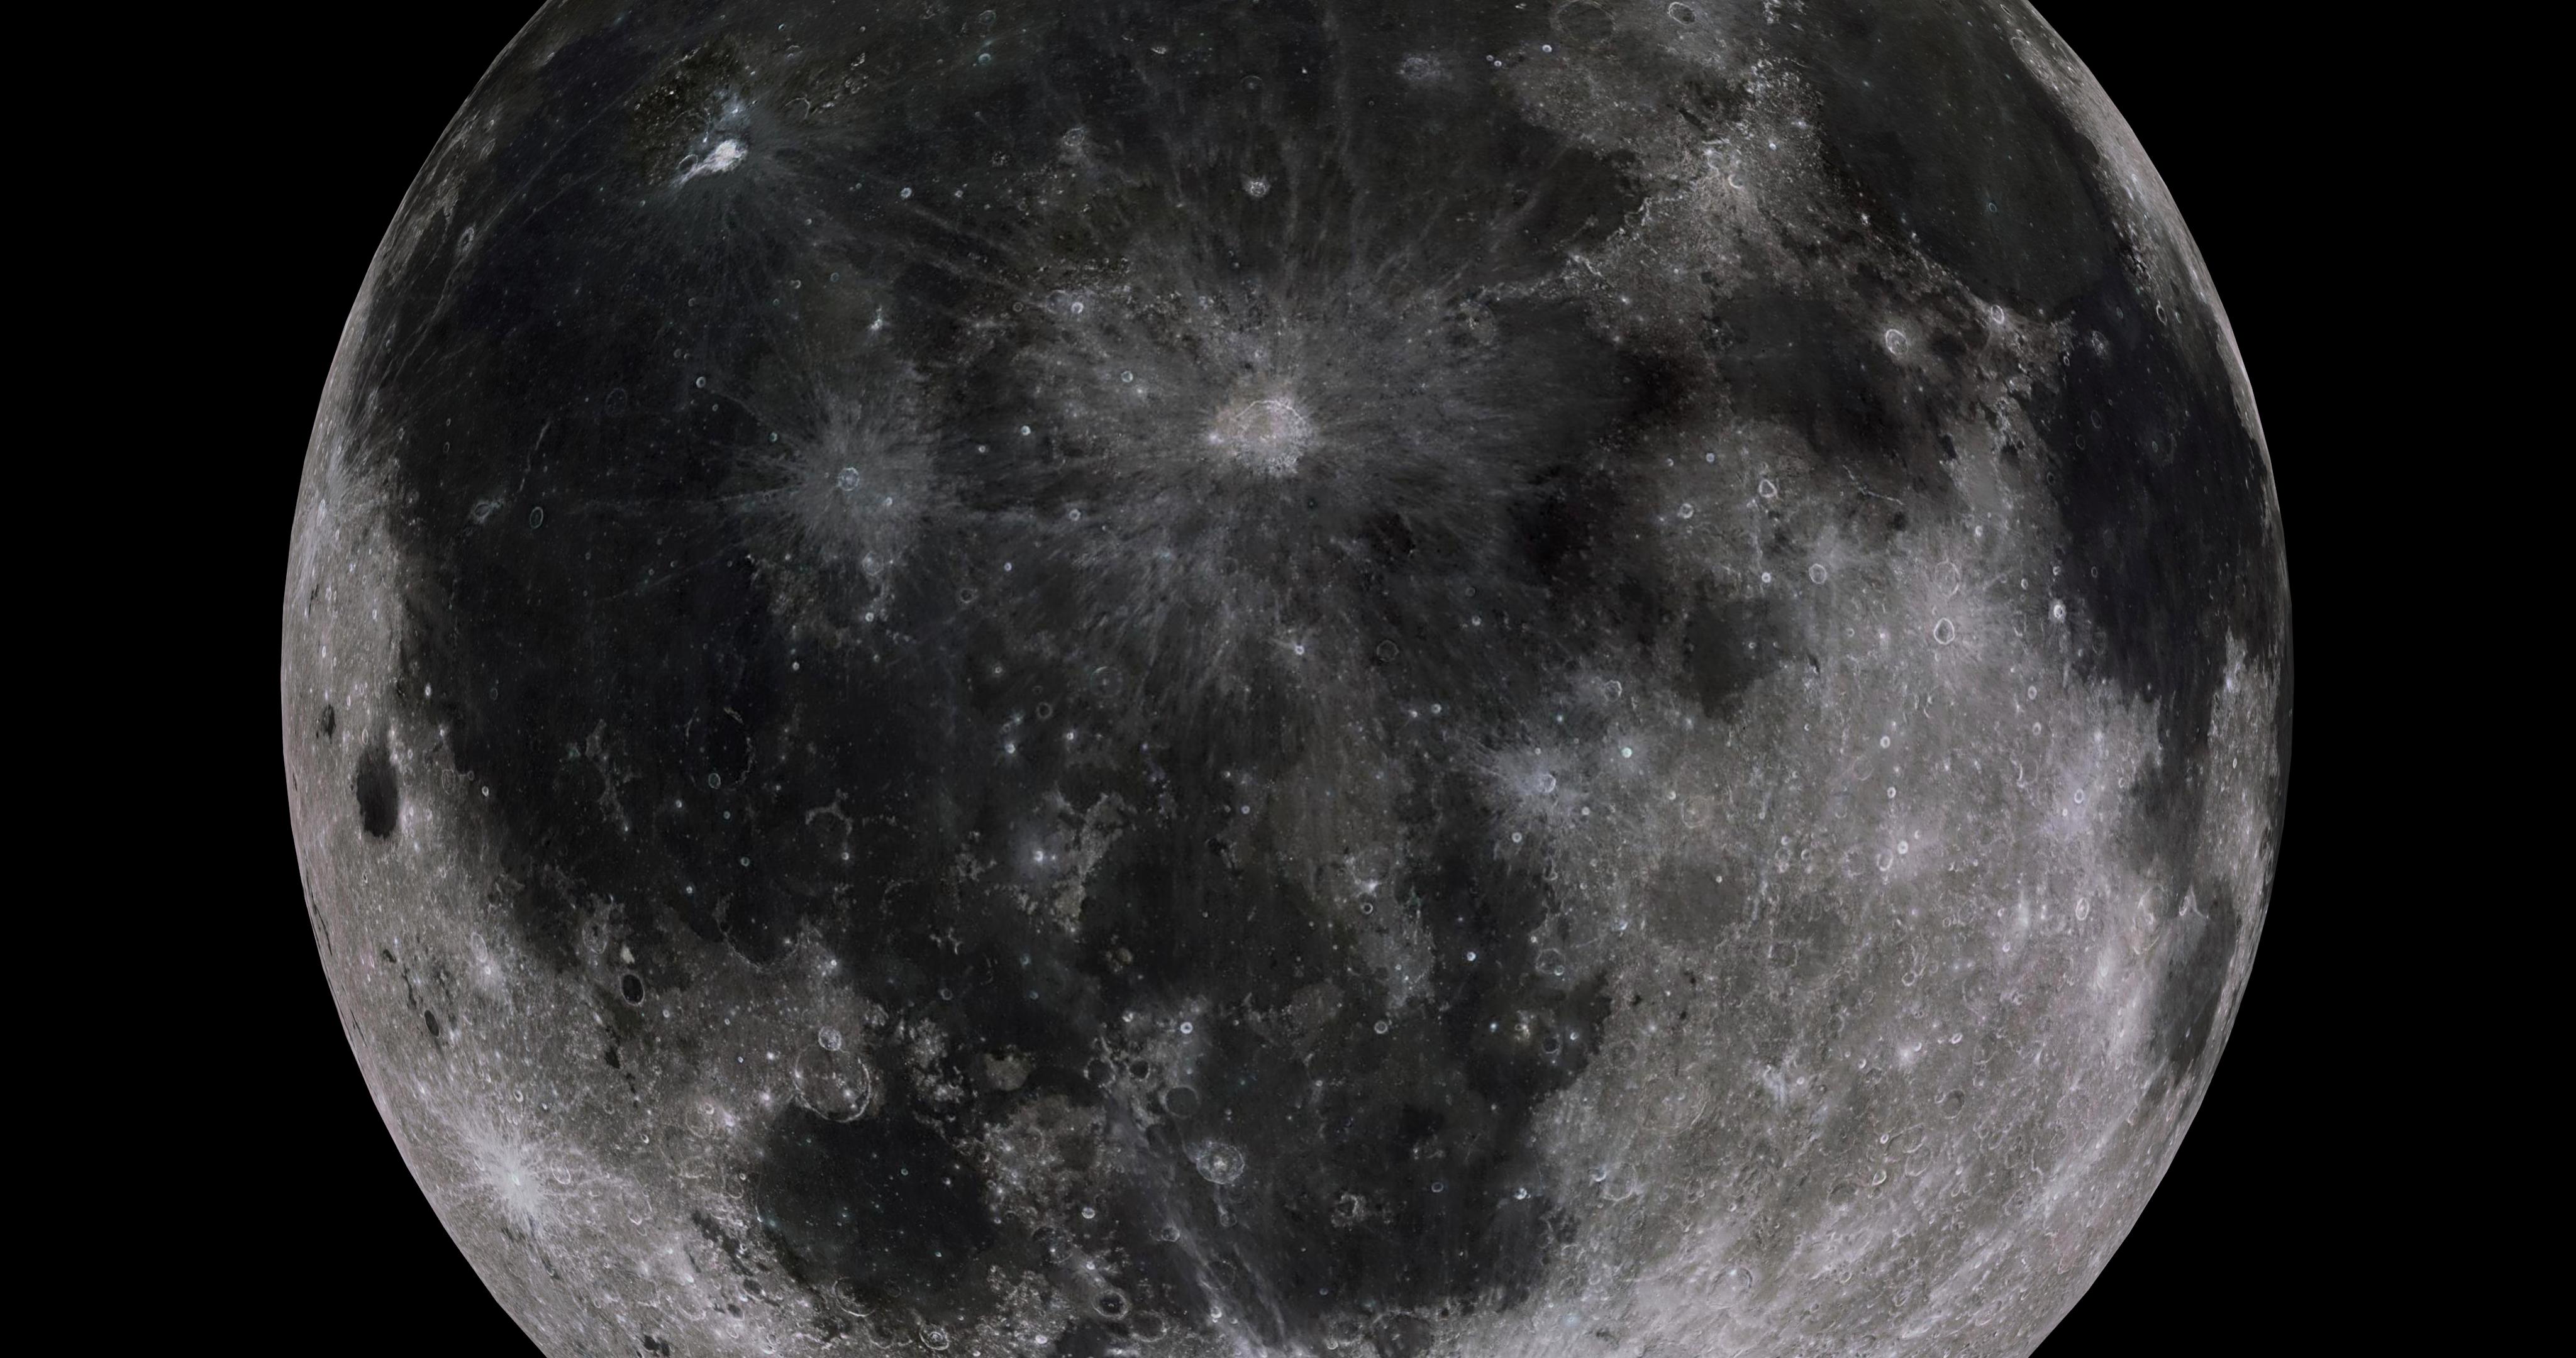 moon 8k 3d model 3ds fbx blend dae obj 210898